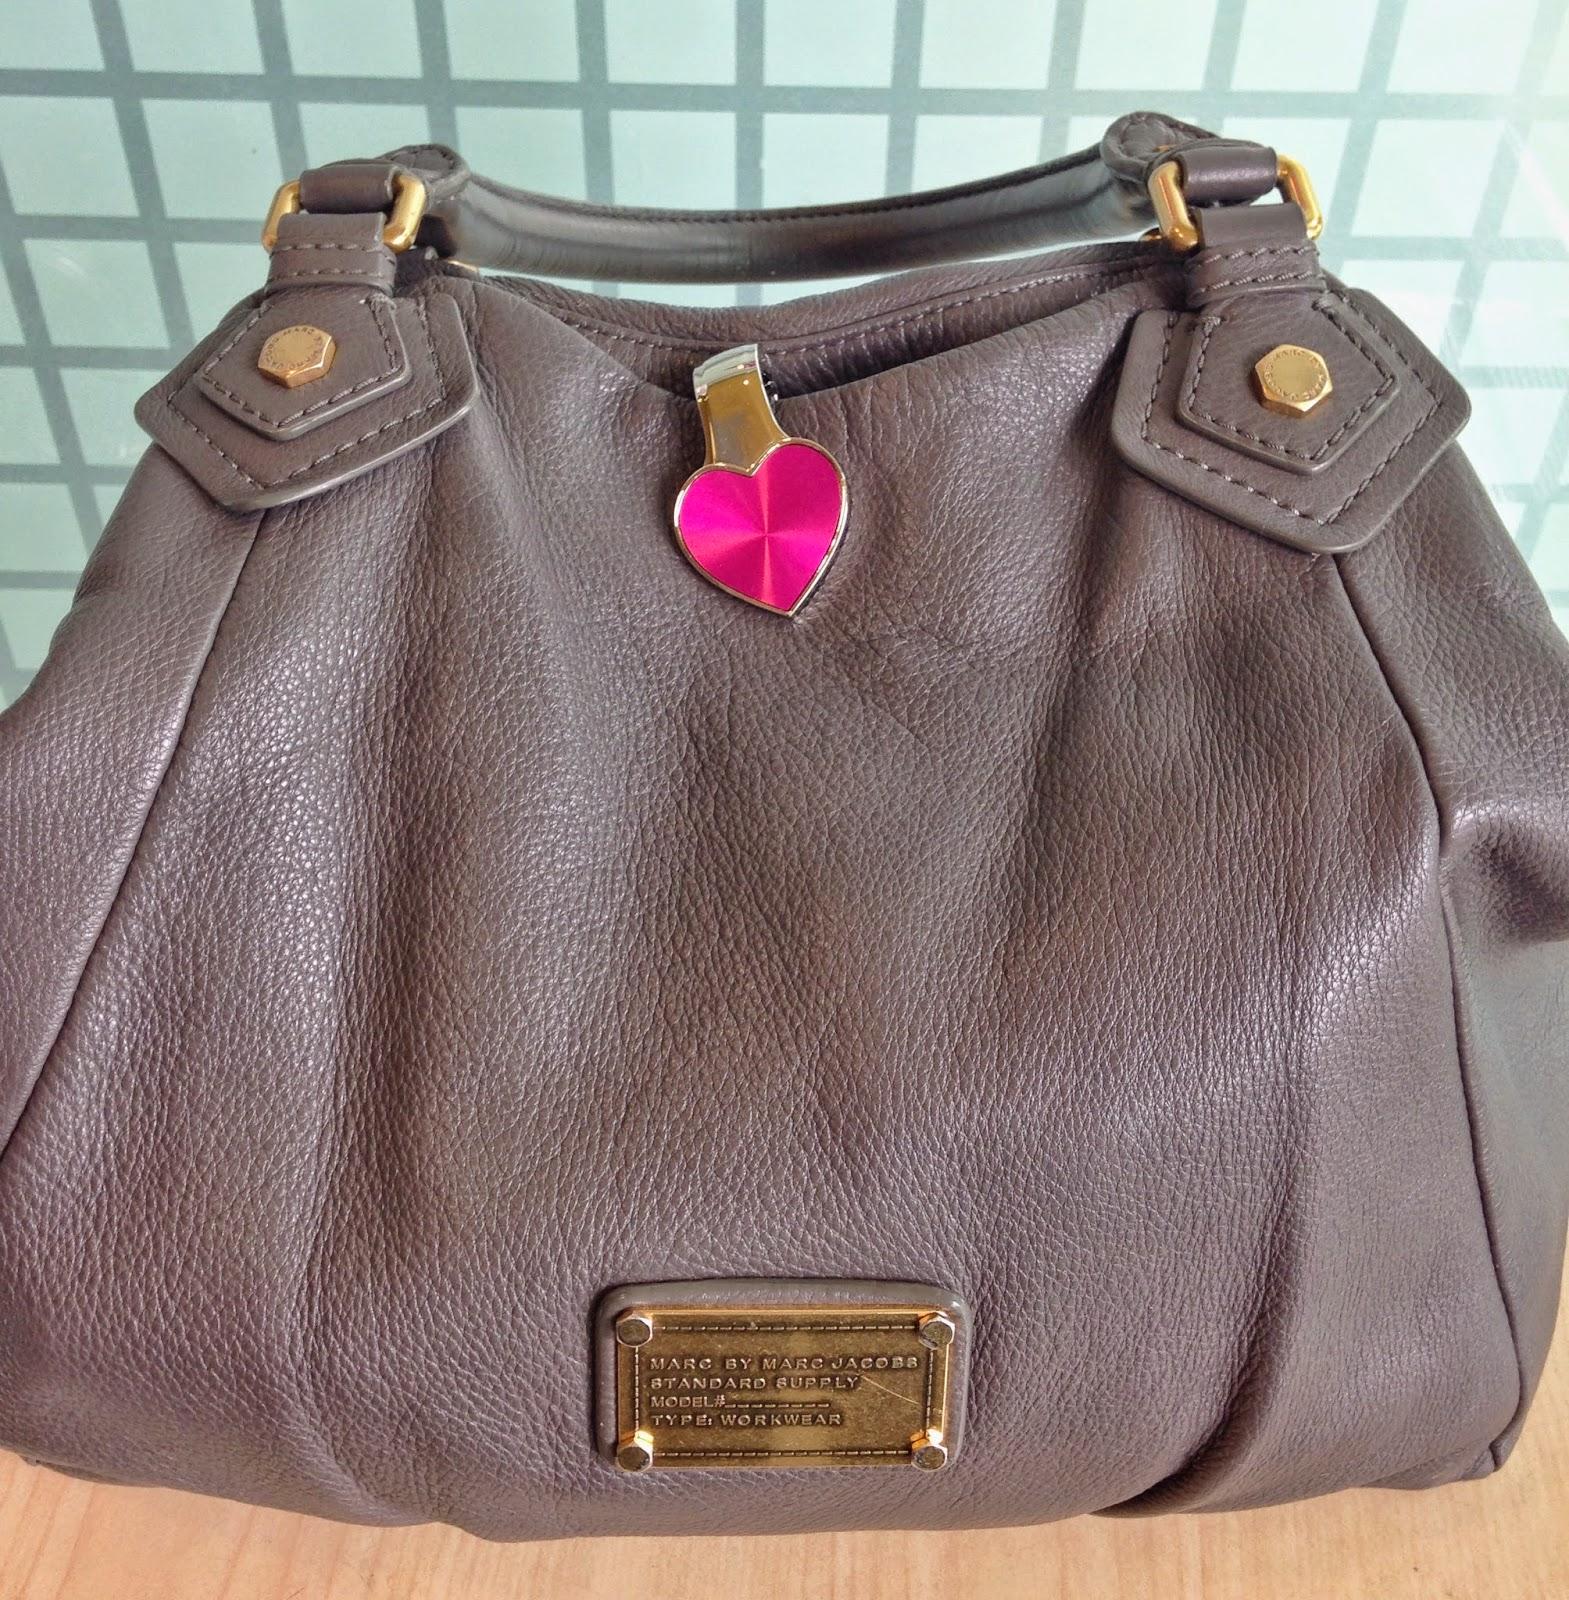 My Bag Pal key holder on a bag - Hello Handbag